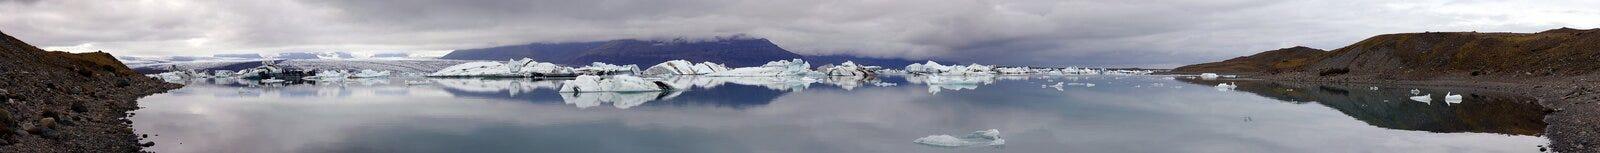 πανόραμα λιμνών παγετώνων στοκ φωτογραφίες με δικαίωμα ελεύθερης χρήσης